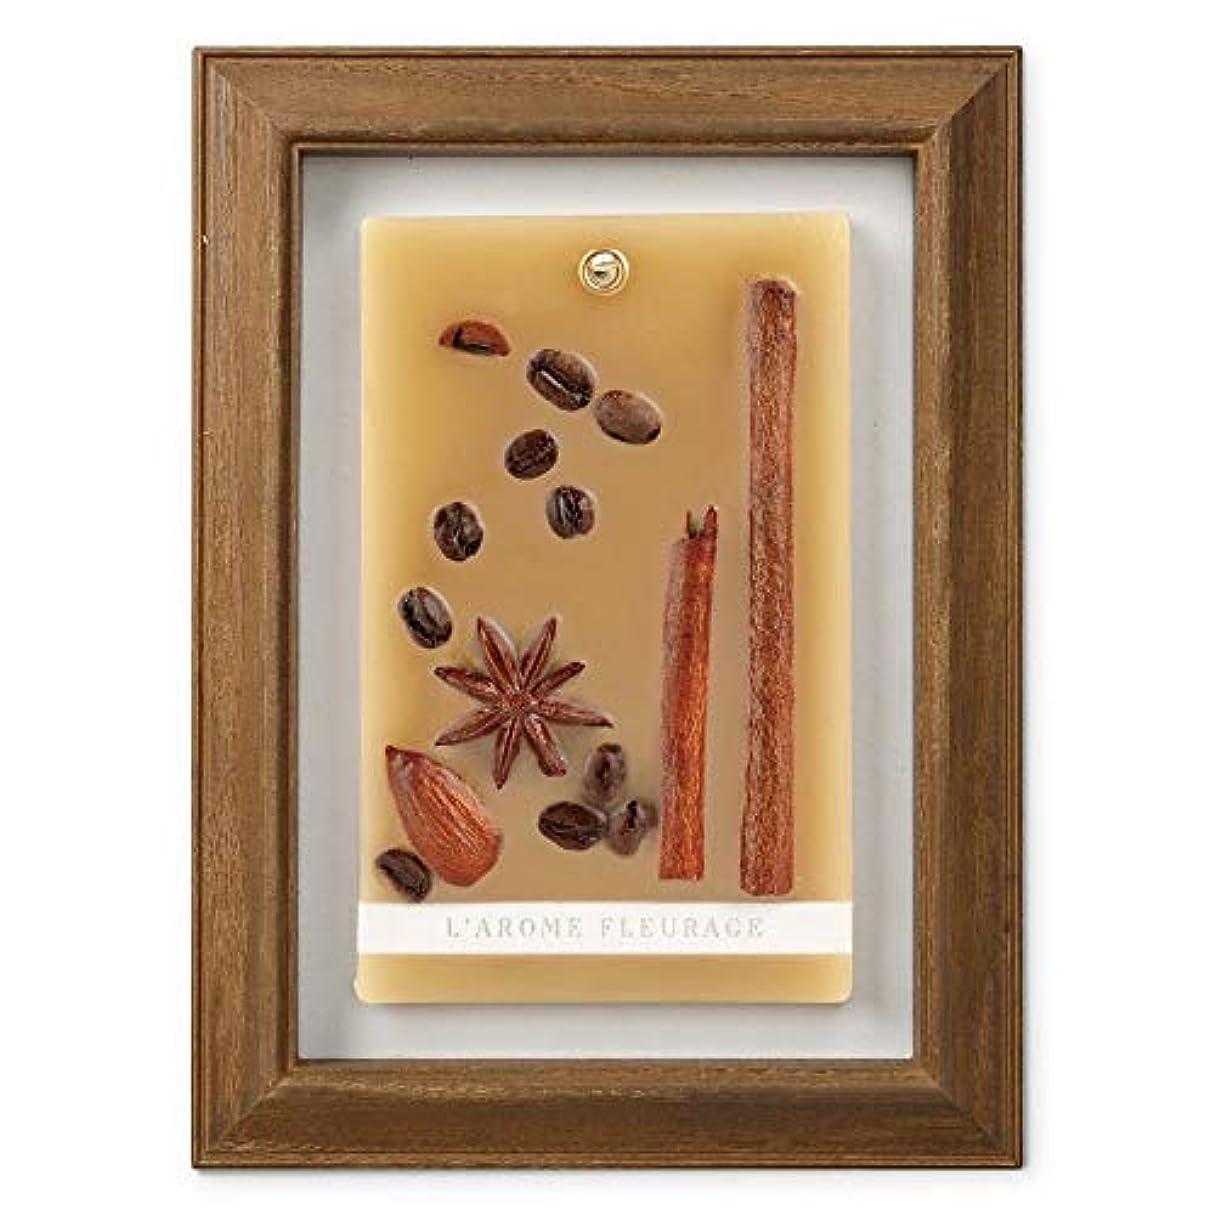 FLEURAGE(フルラージュ) アロマワックスサシェ コーヒーの香り Coffee×AntiqueBrown KH-61117